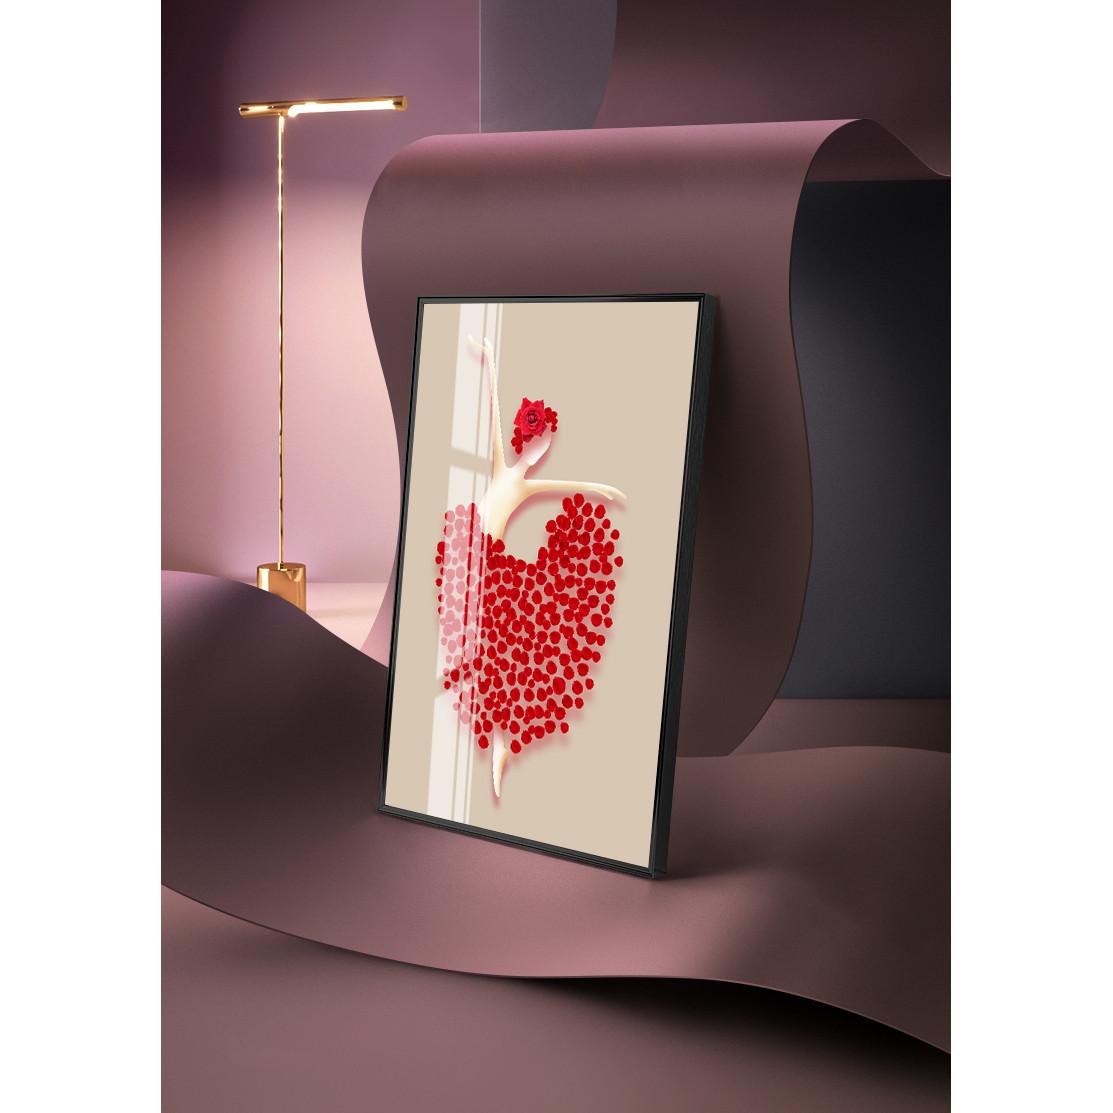 Tranh trang trí Mica 3 bức Chân son gót ngà hoa hồng nhung tông đen trừu tượng (Nghệ thuật). Model: AZ3-0077. Khung nhôm hoặc Composite. Hình ảnh sắc nét, sang trọng, phù hợp nhiều không trang trí